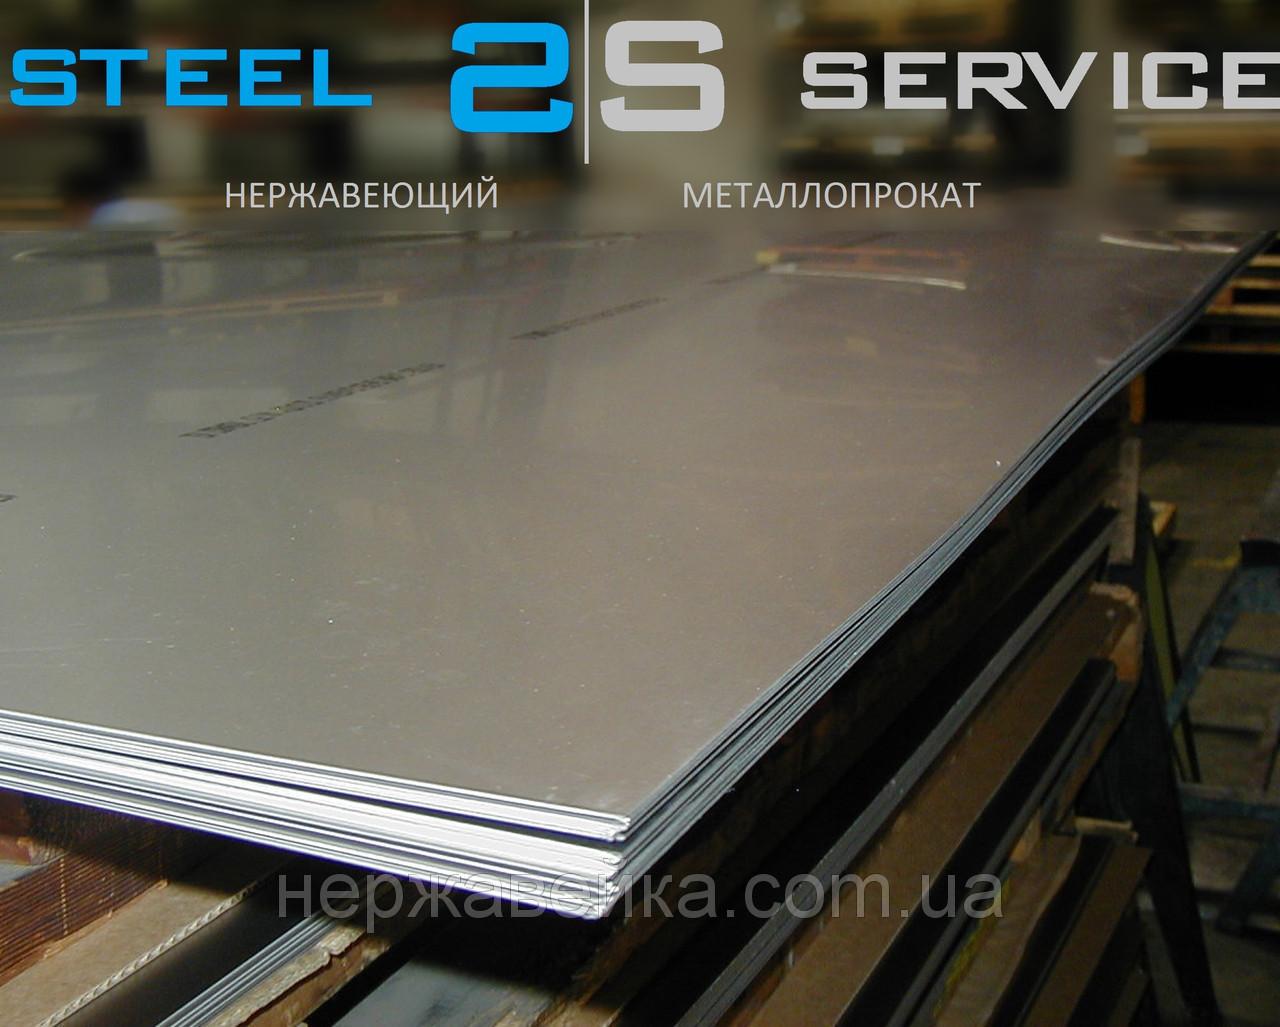 Нержавеющий лист 0,8х1500х3000мм  AISI 304(08Х18Н10) 4N - шлифованный,  пищевой